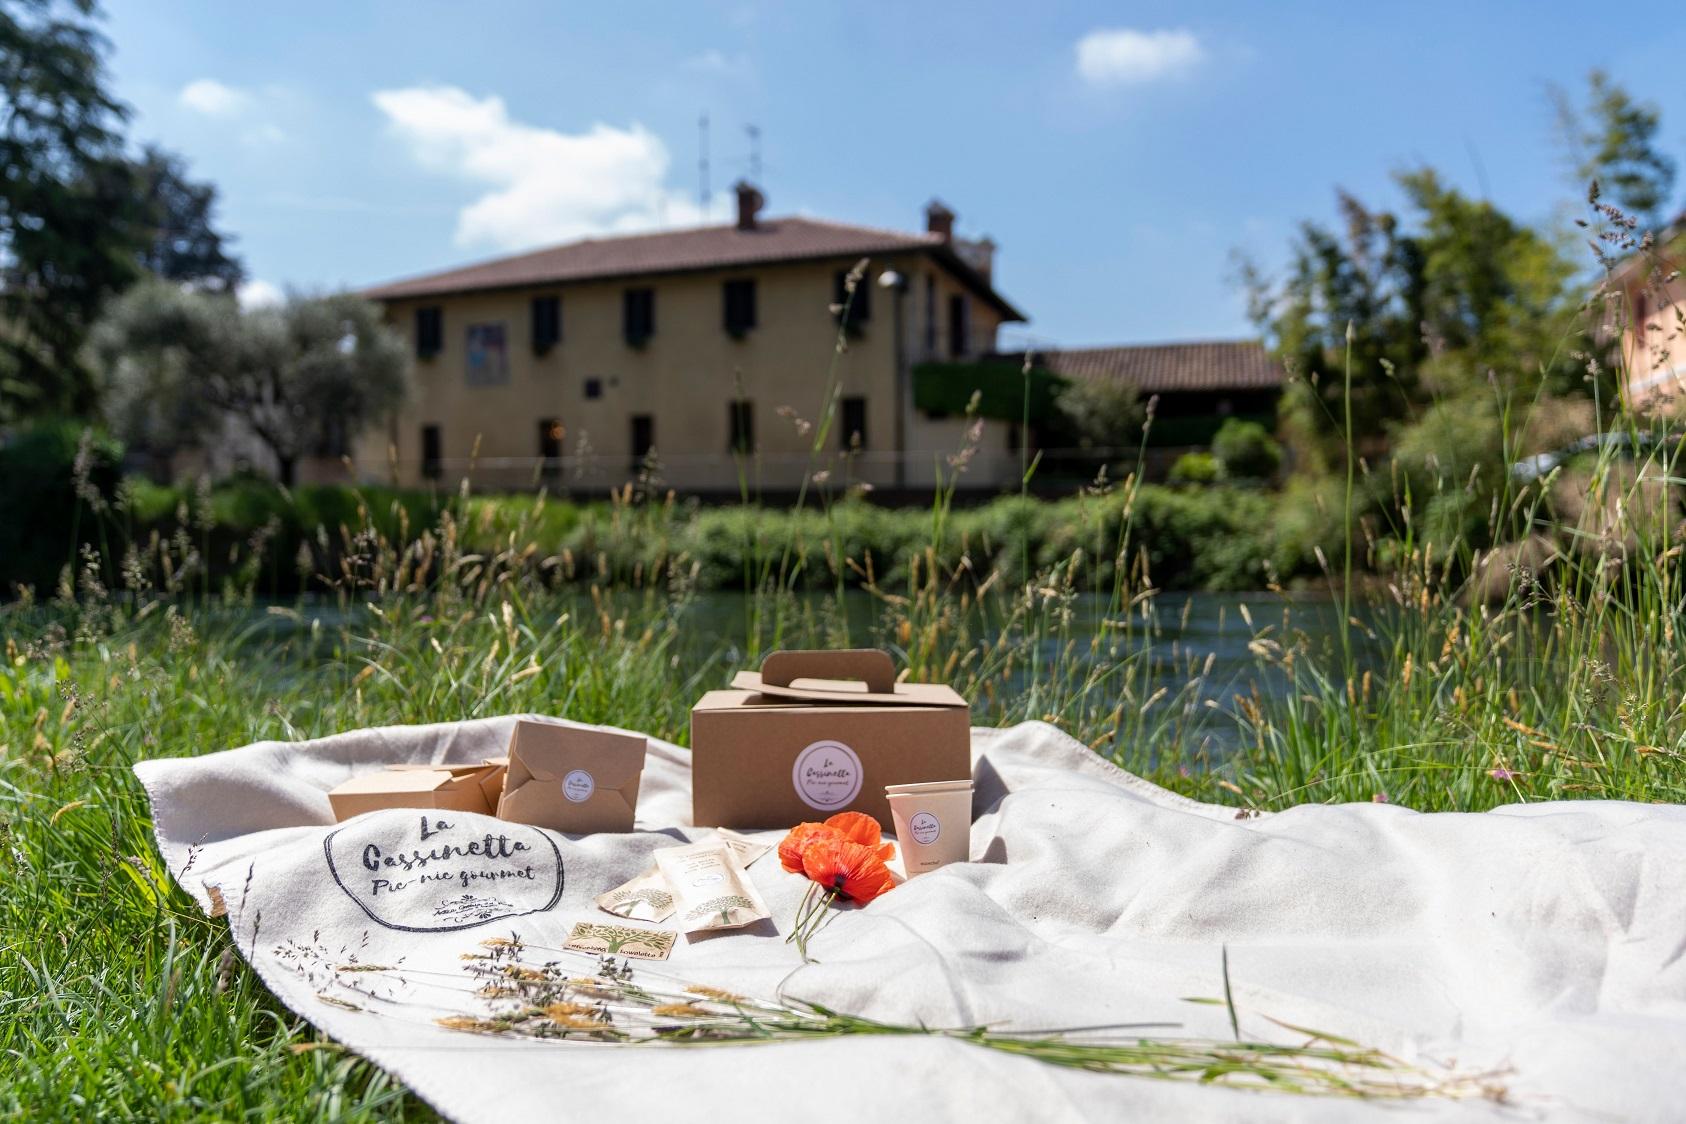 Antica Osteria del Ponte a Cassinetta di Lugagnano: al via il pic nic gourmet tra paesaggio e cucina d'autore